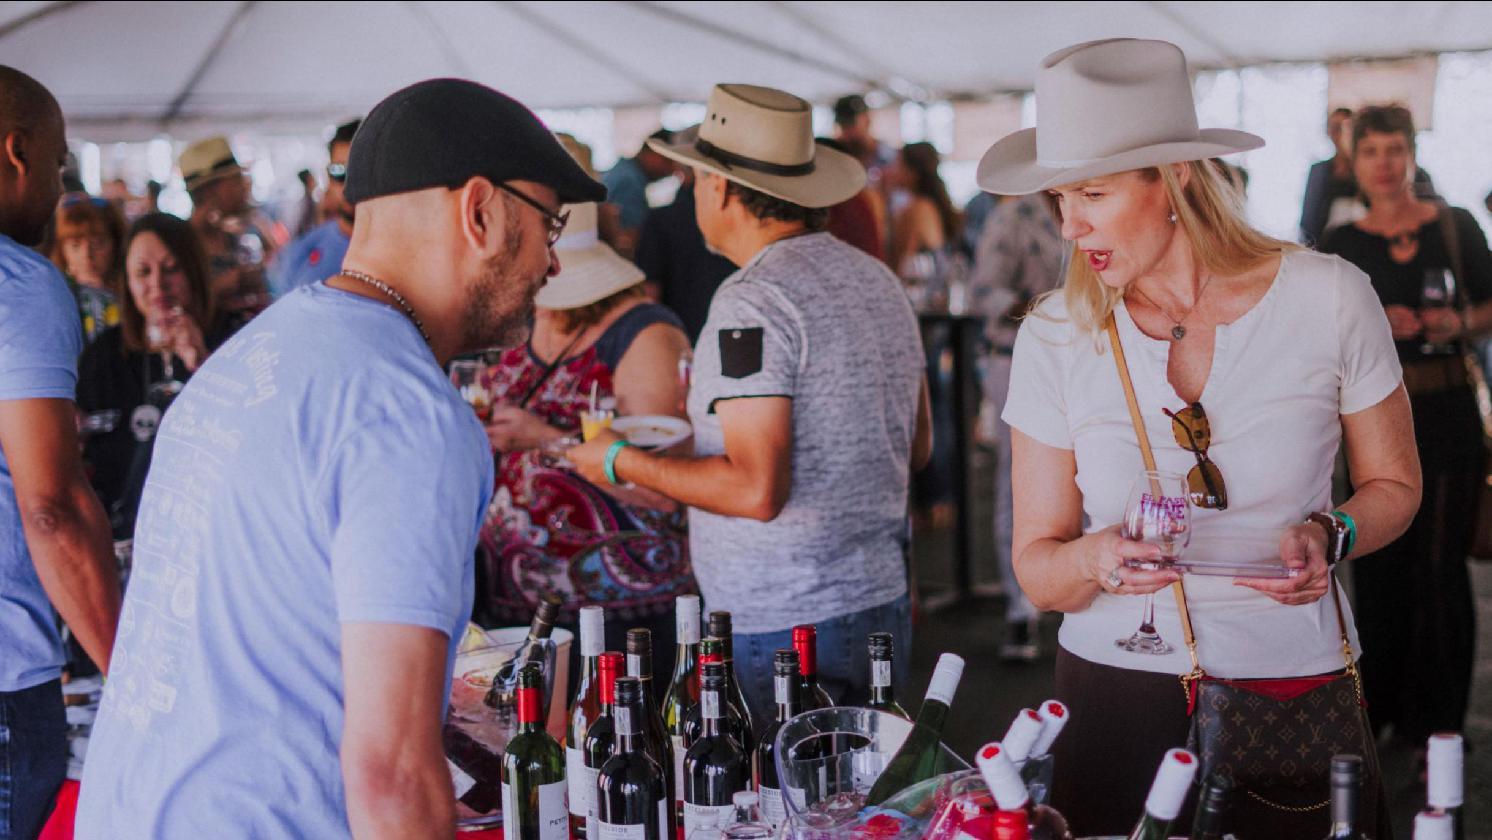 El Paso Winefest | 10/16/21 | Downtown El Paso | El Paso's Premier Wine & Food Festival